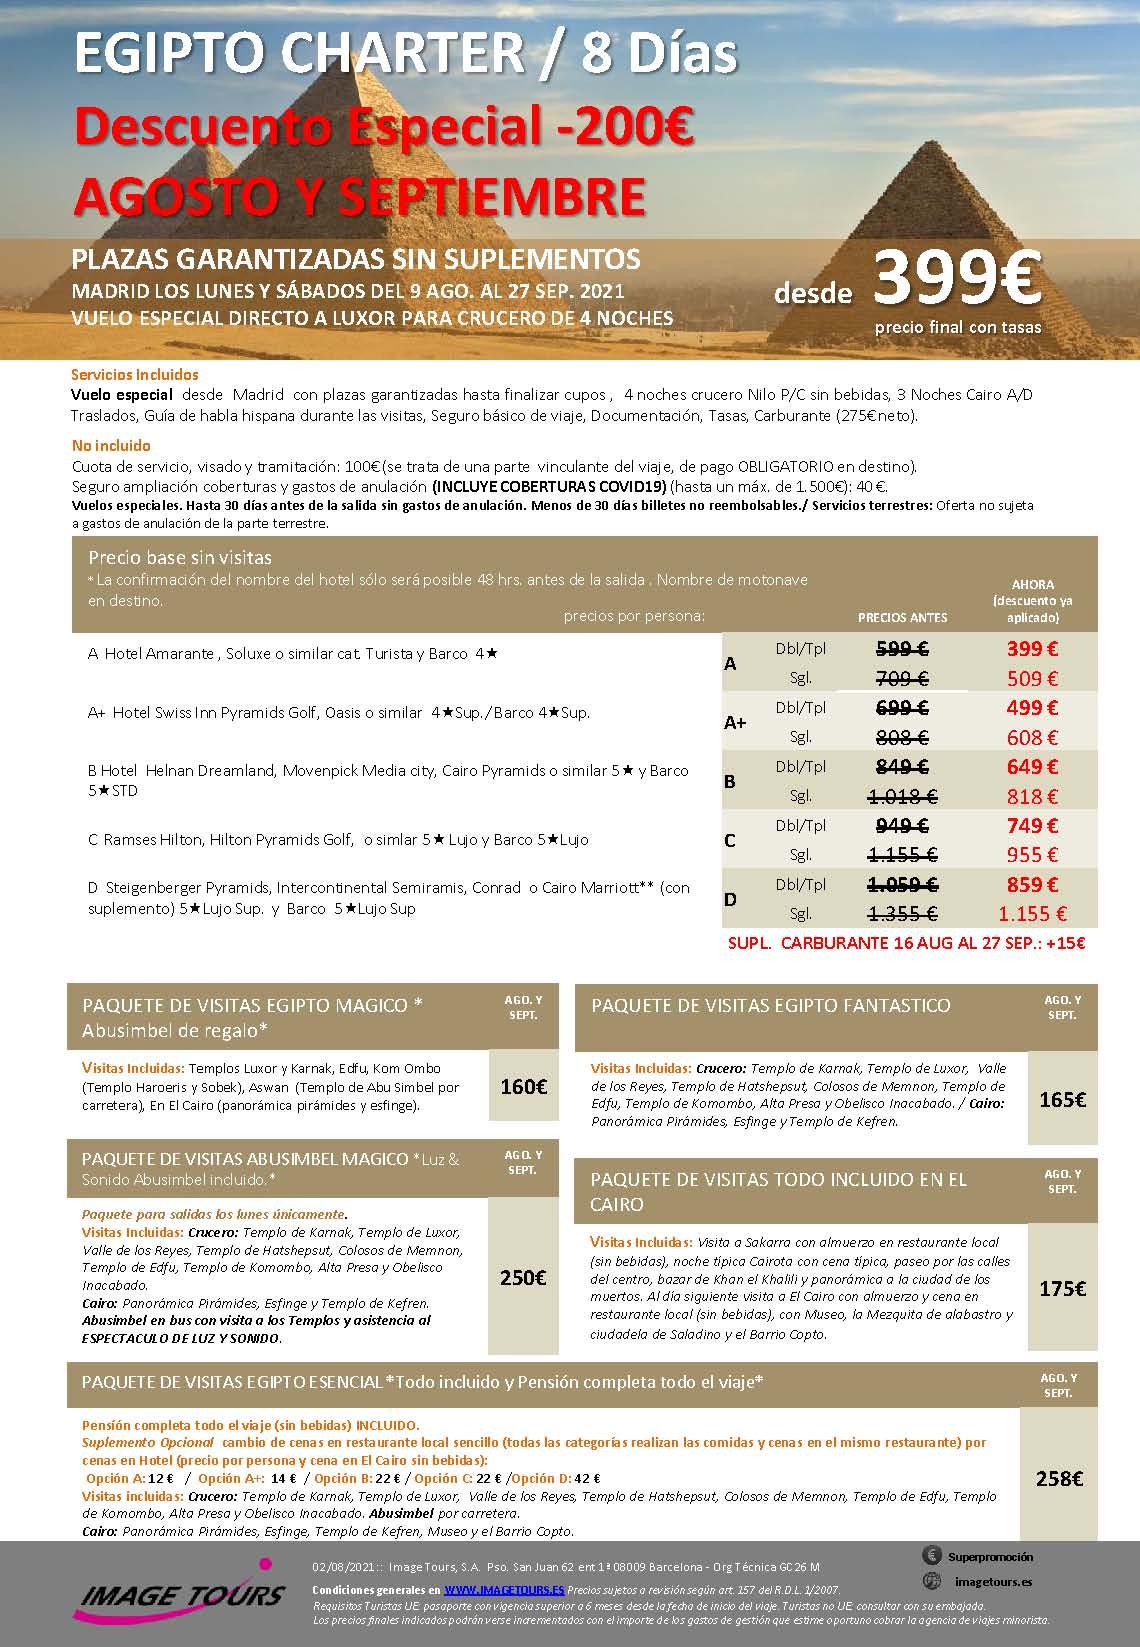 Oferta Chollo Image Tours Egipto Charter Circuito y Crucero Agosto y Septiembre 2021